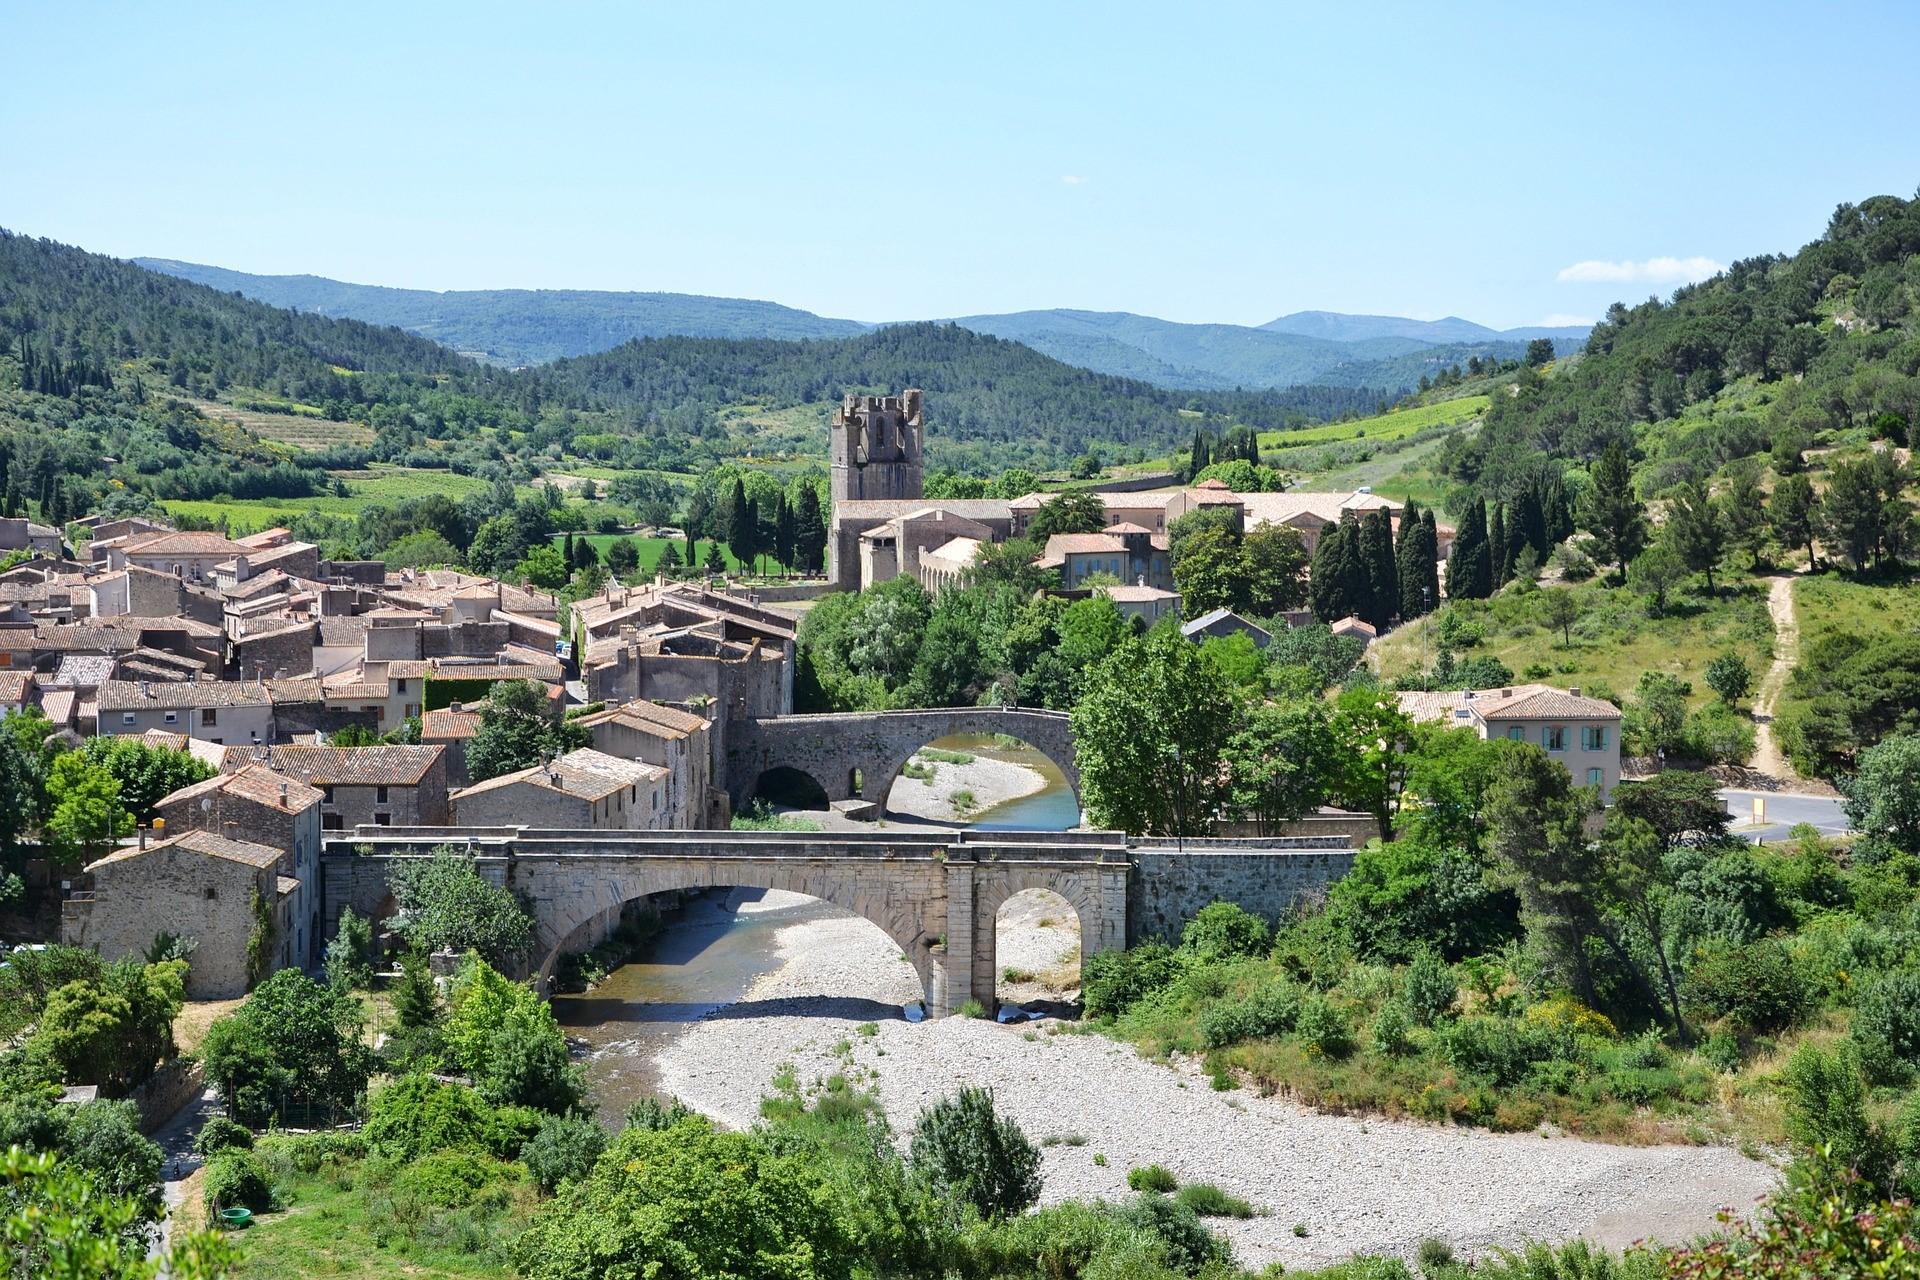 De mooiste dorpjes van de Aude